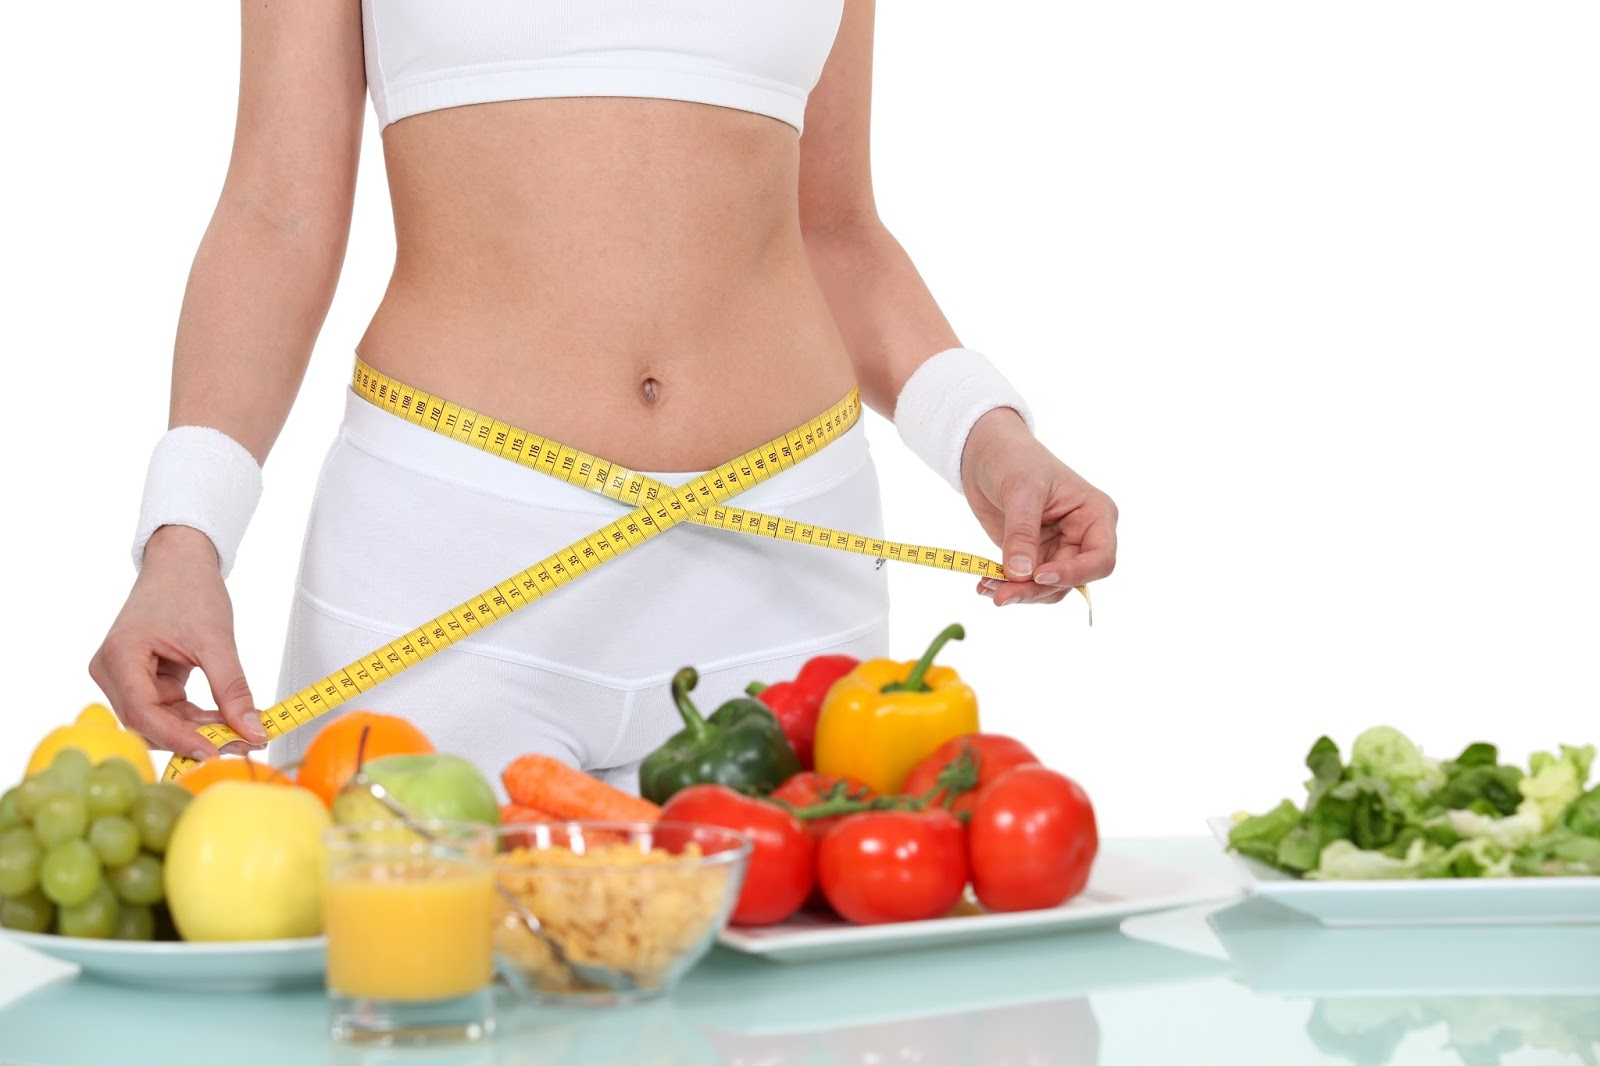 Картинки по похудению мужчины